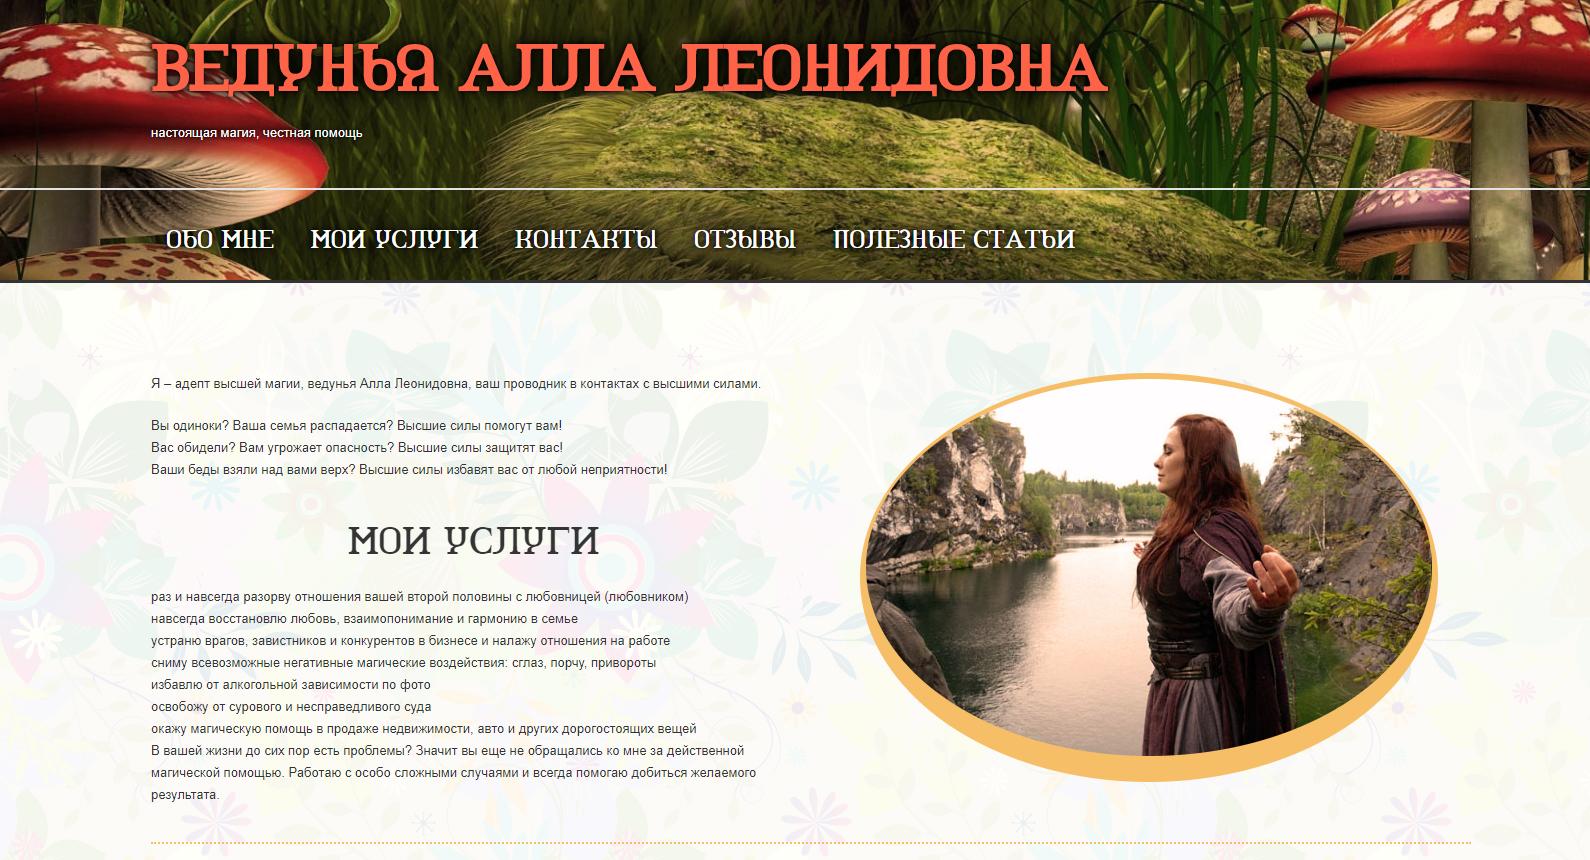 Ведунья Алла Леонидовна с сайта alla-leonidovna.info шарлатан отзывы.